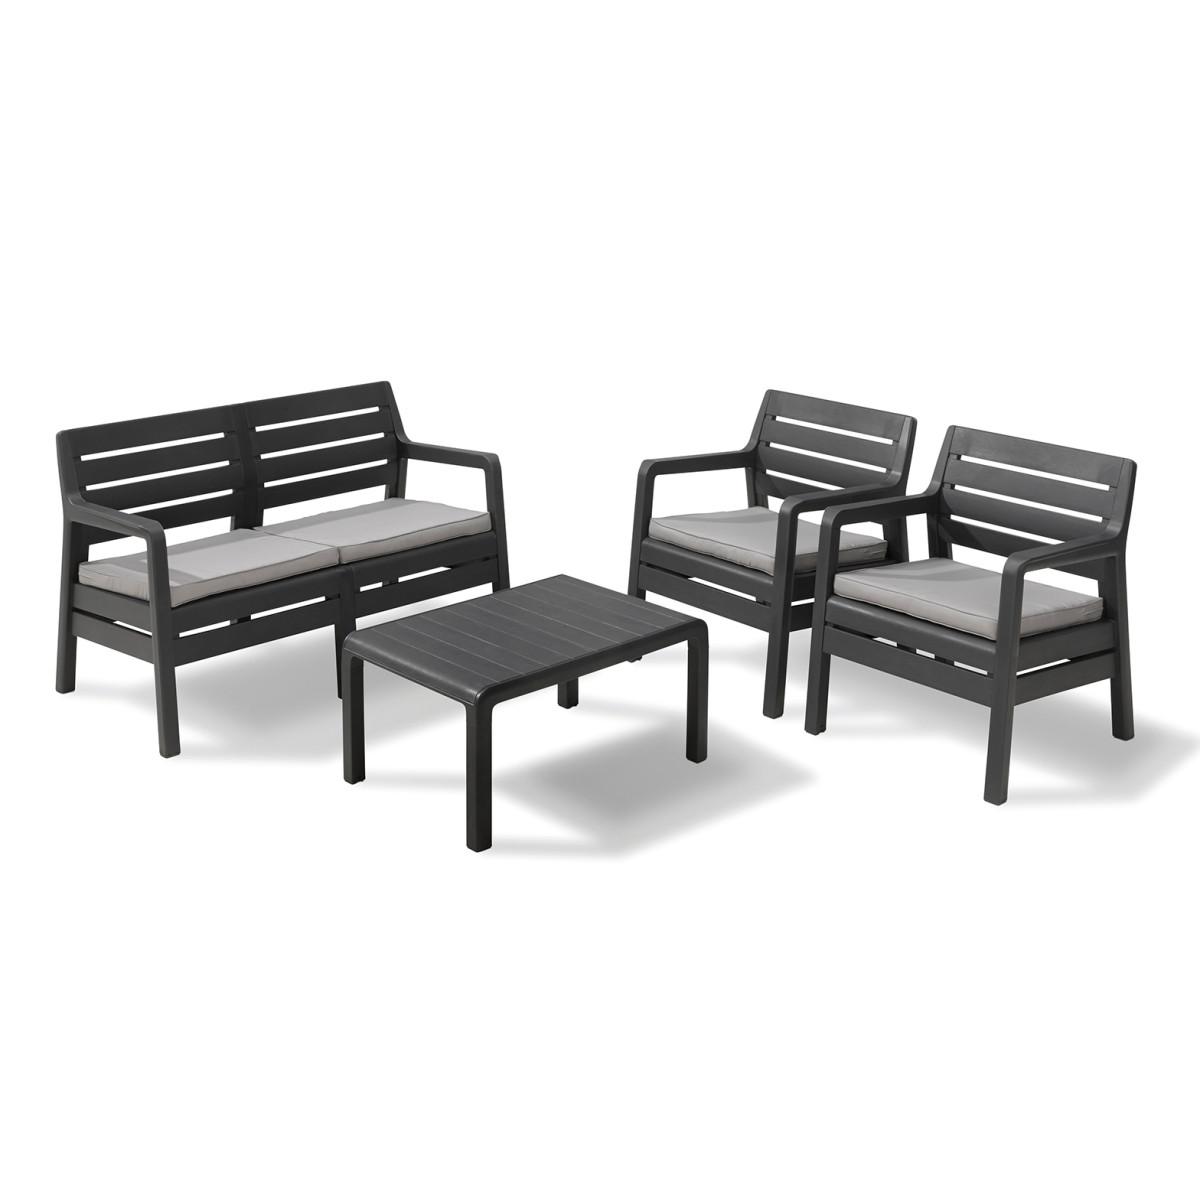 Набор садовой мебели Keter Delano пластик графит стол диван и 2 кресла